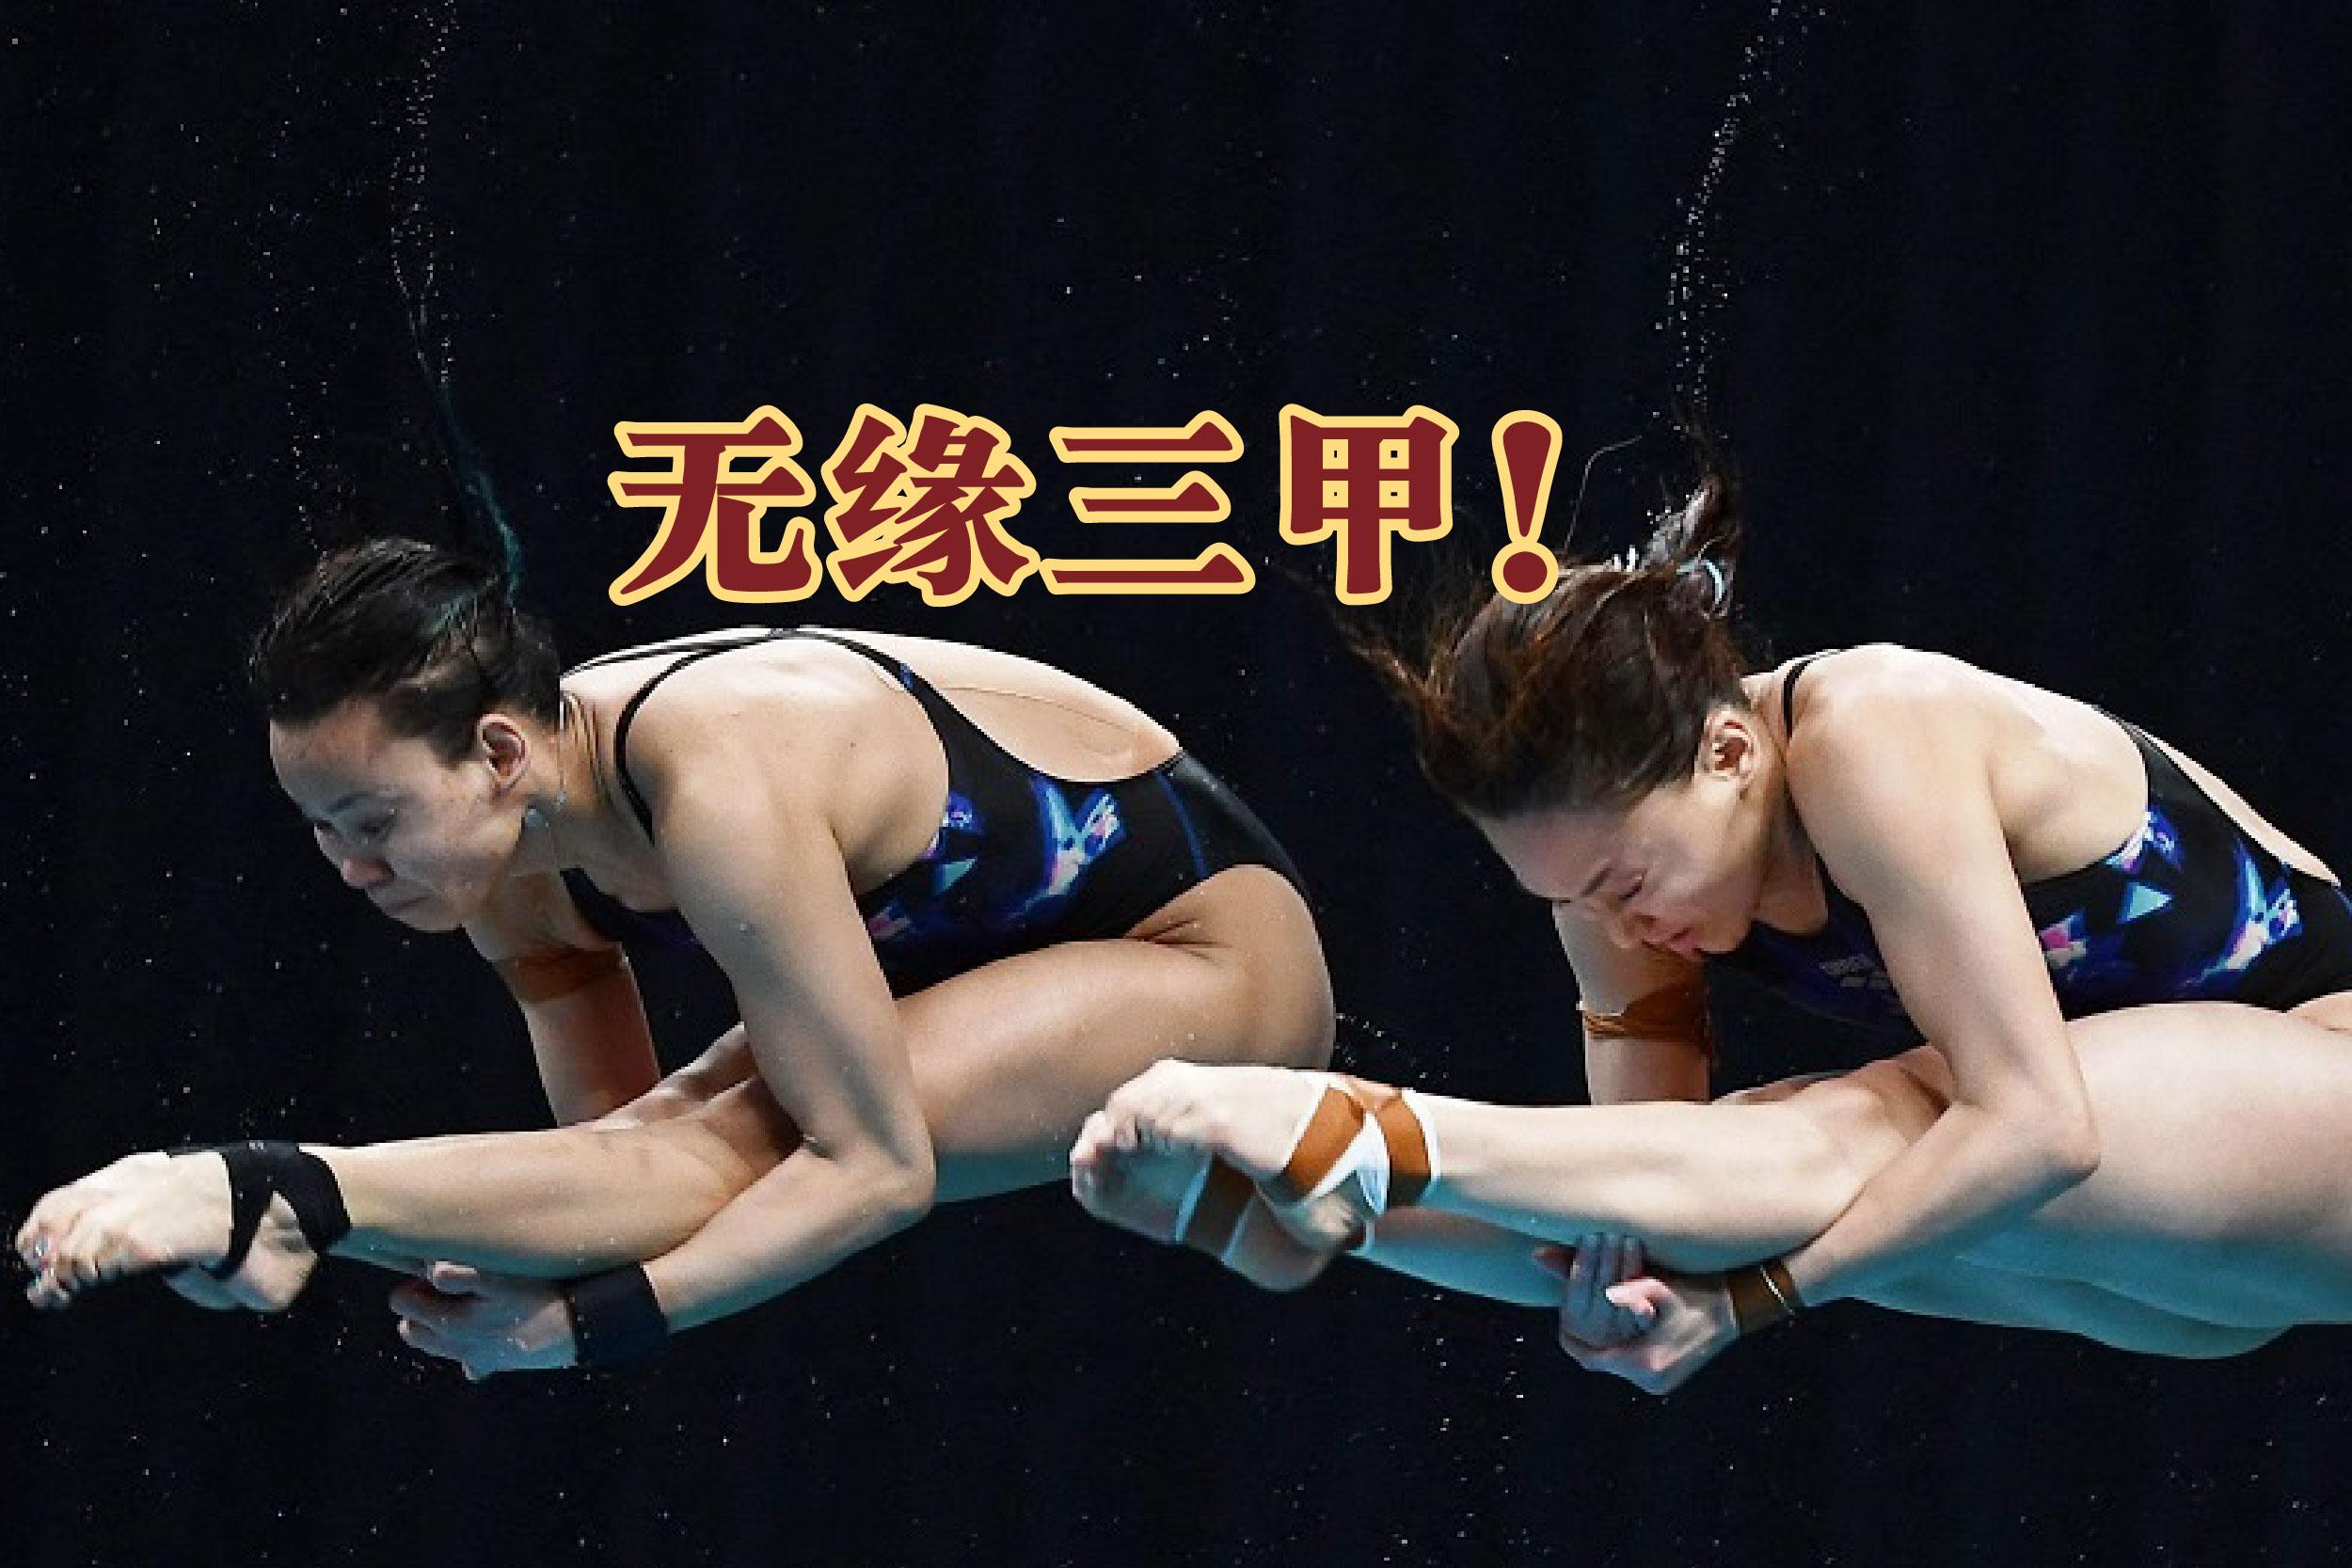 潘德蕾拉(左)和梁敏仪在东奥女双十米跳台赛项中,仅跳出277.98分排在第8位,无缘摸牌。-摘自Stadium Astro/精彩大马制图-